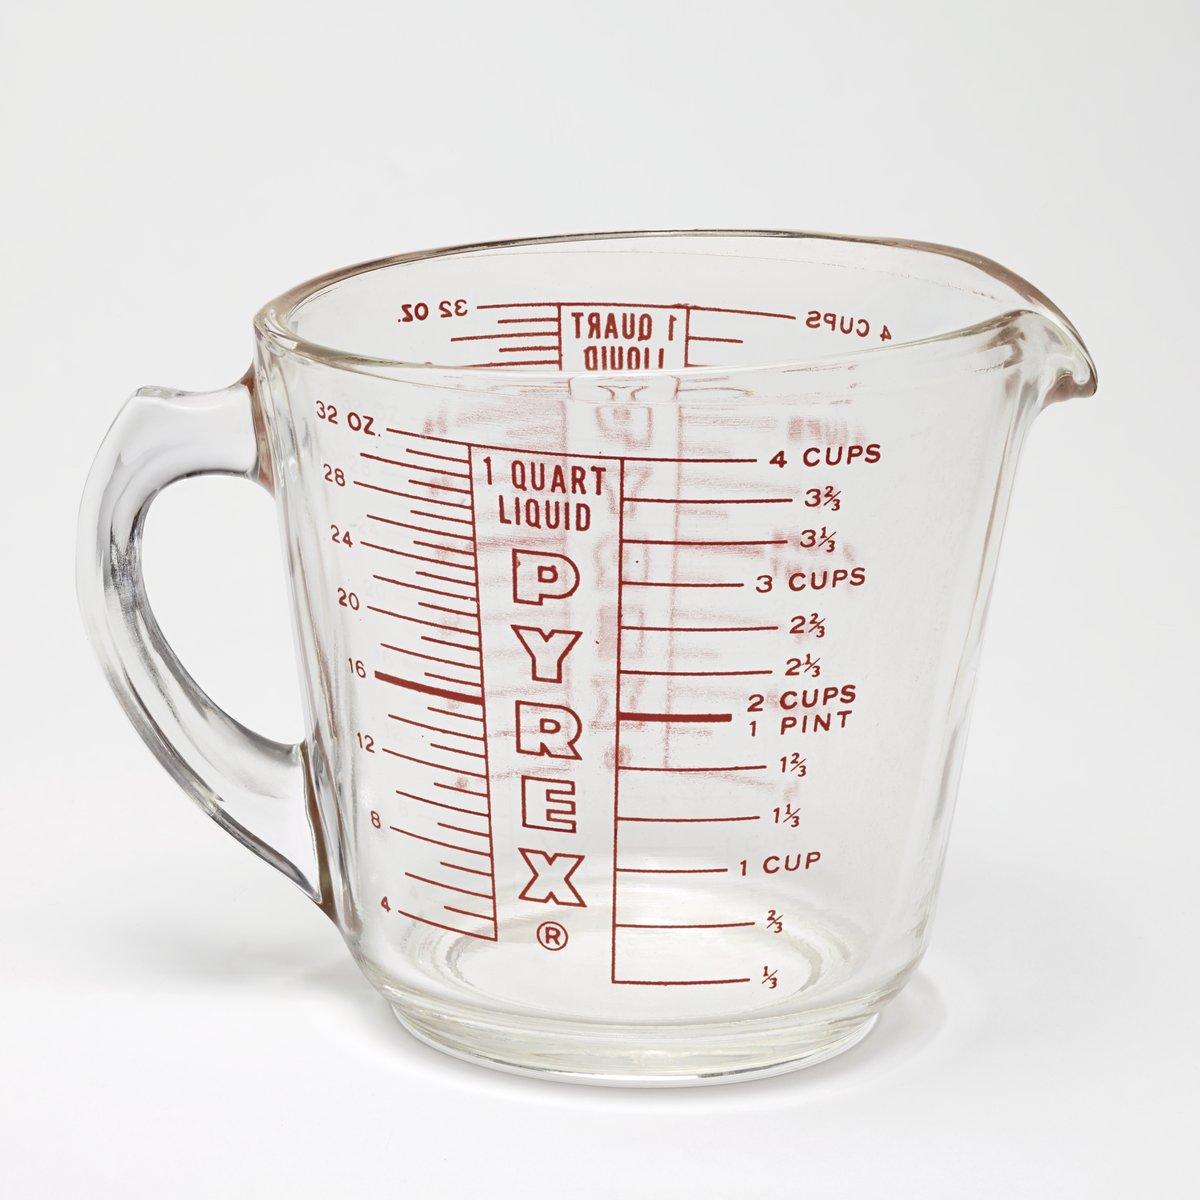 Pyrex 1 Quart Liquid Measuring Cup